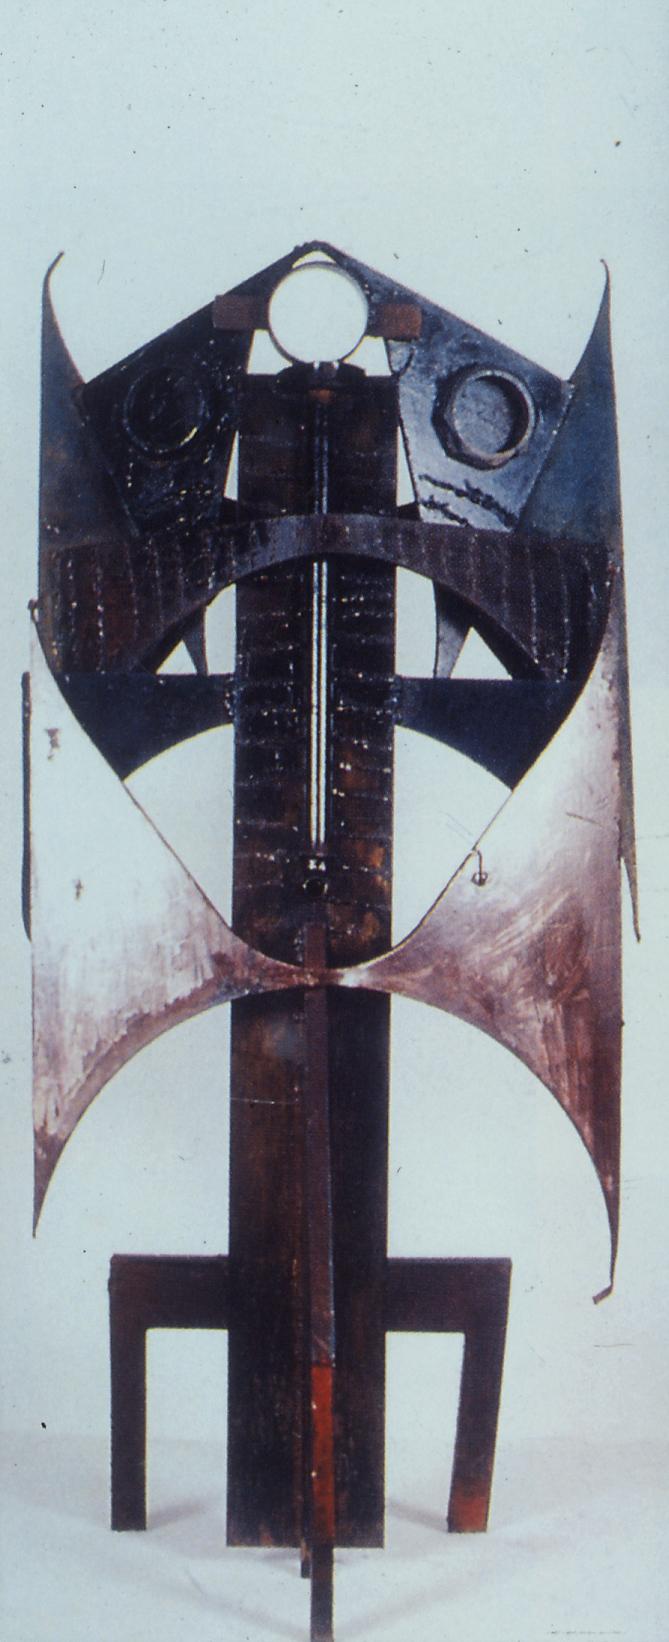 Billy Mandindi, Untitled, 1989.